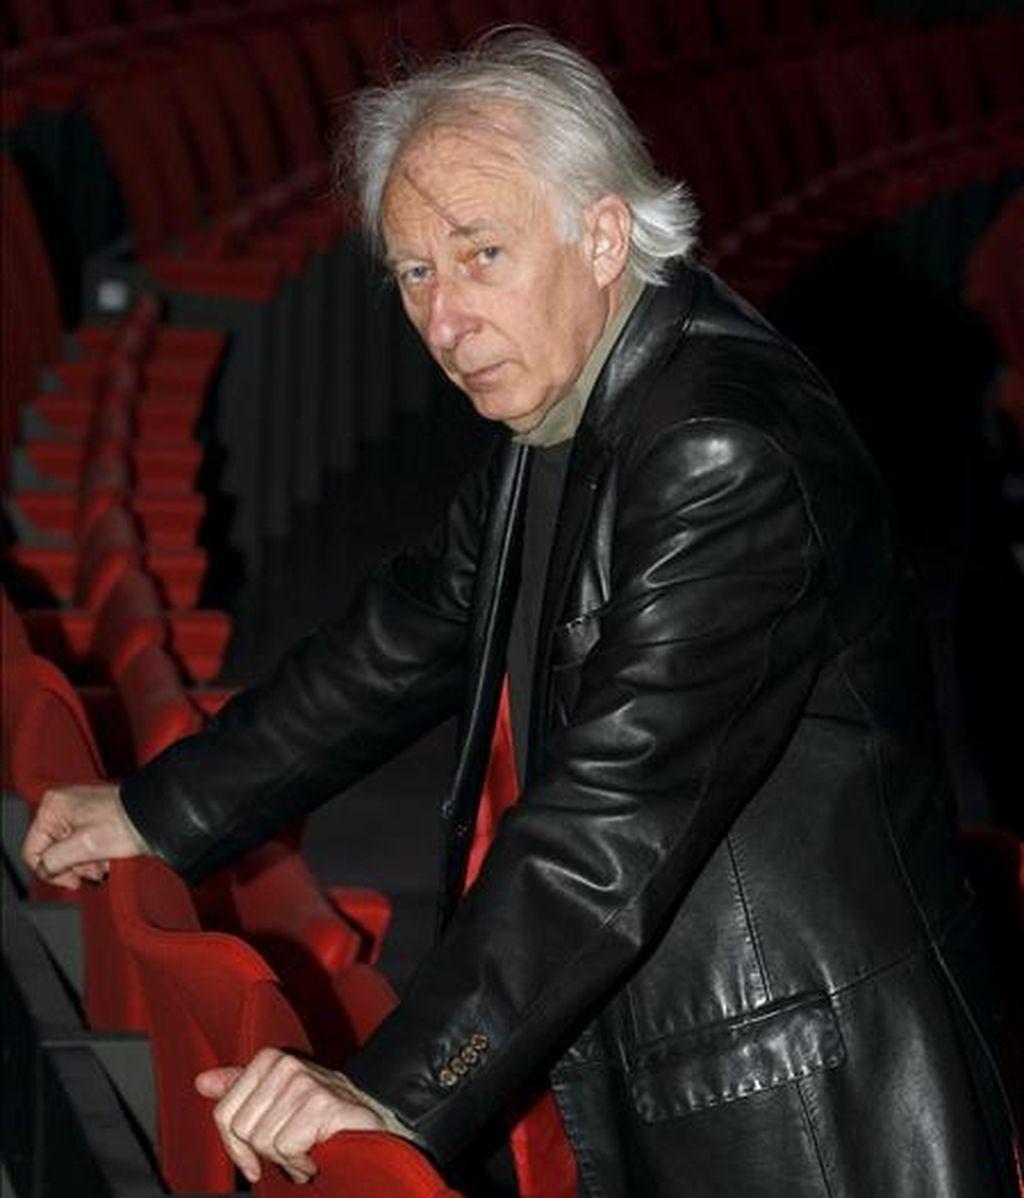 El dramaturgo Albert Boadella, durante la entrevista que ha concedido a EFE tras haber aceptado la oferta de la presidenta de la Comunidad de Madrid para dirigir los Teatros del Canal de Madrid, que se inauguran la semana próxima. EFE